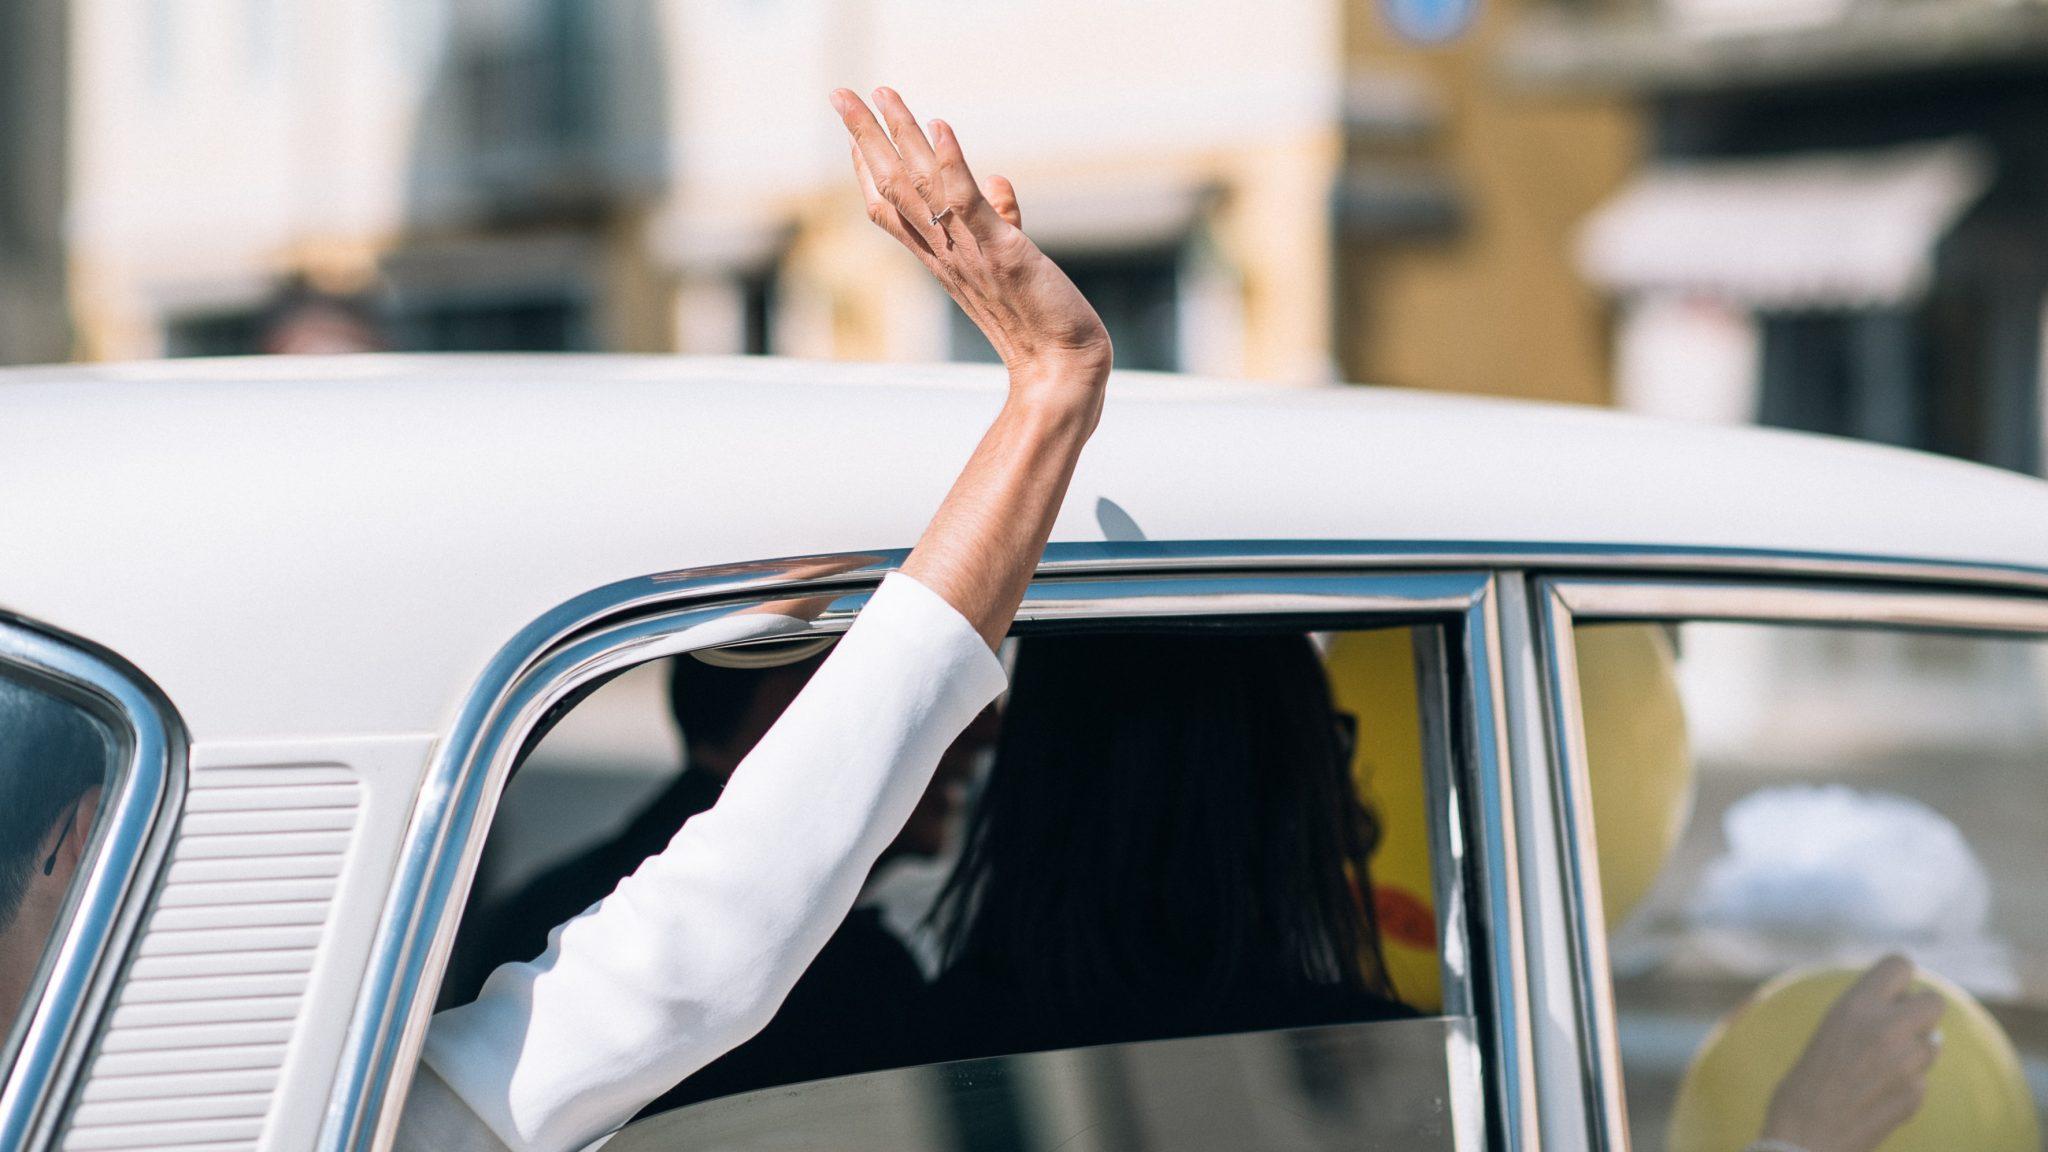 il primo piano della mano della sposa mentre saluta gli invitati fuori dal finestrino della macchina